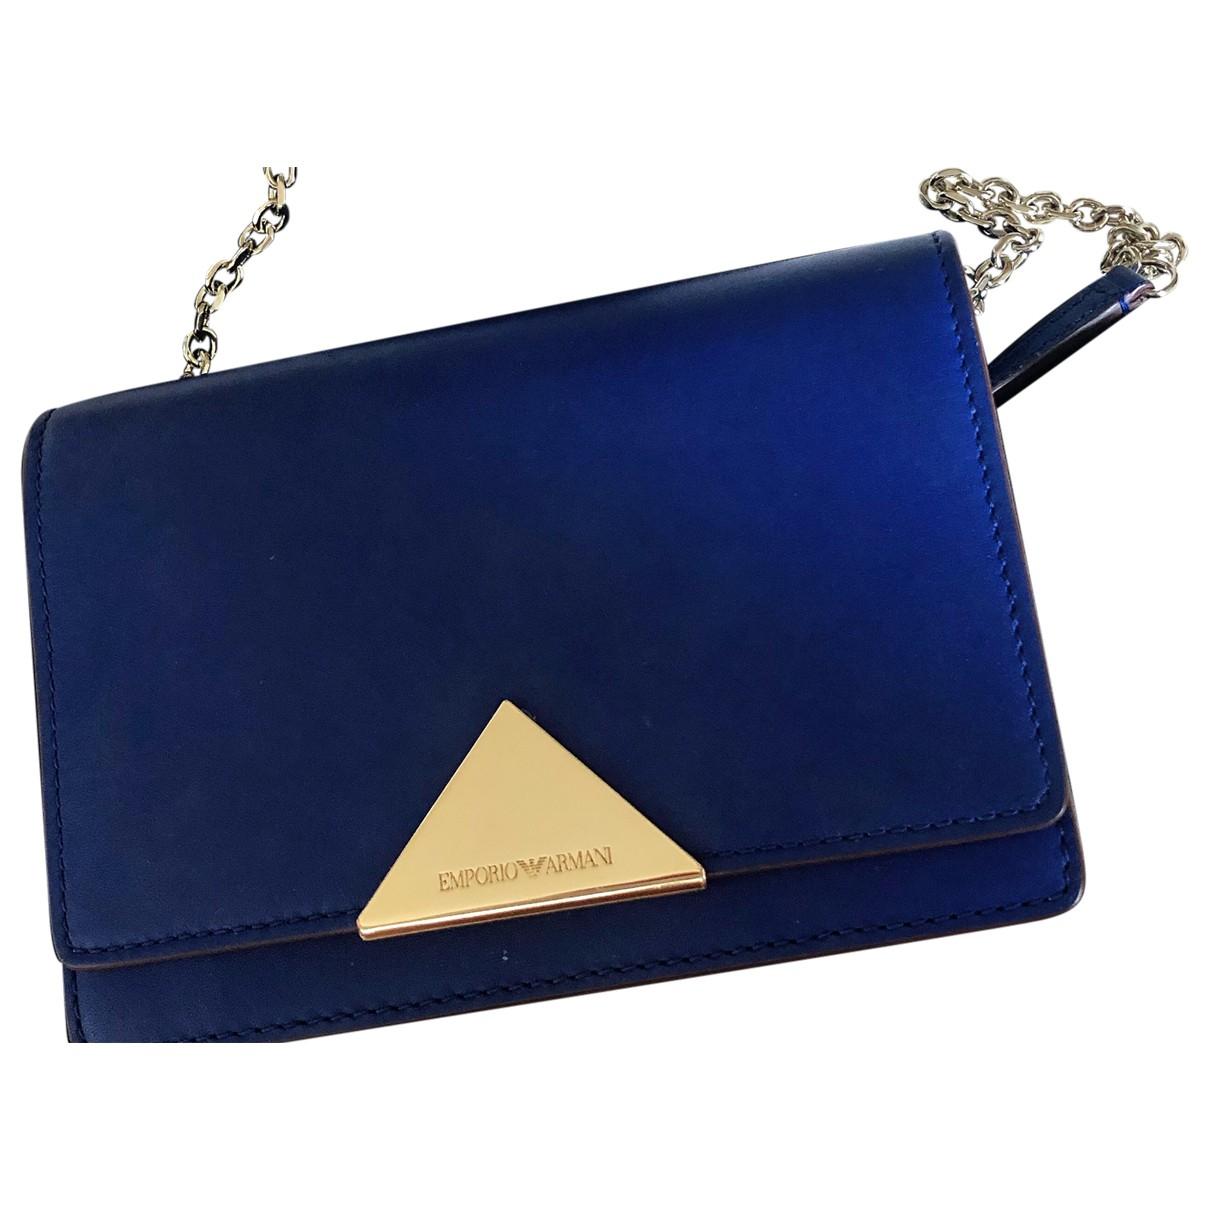 Emporio Armani \N Handtasche in  Blau Leder